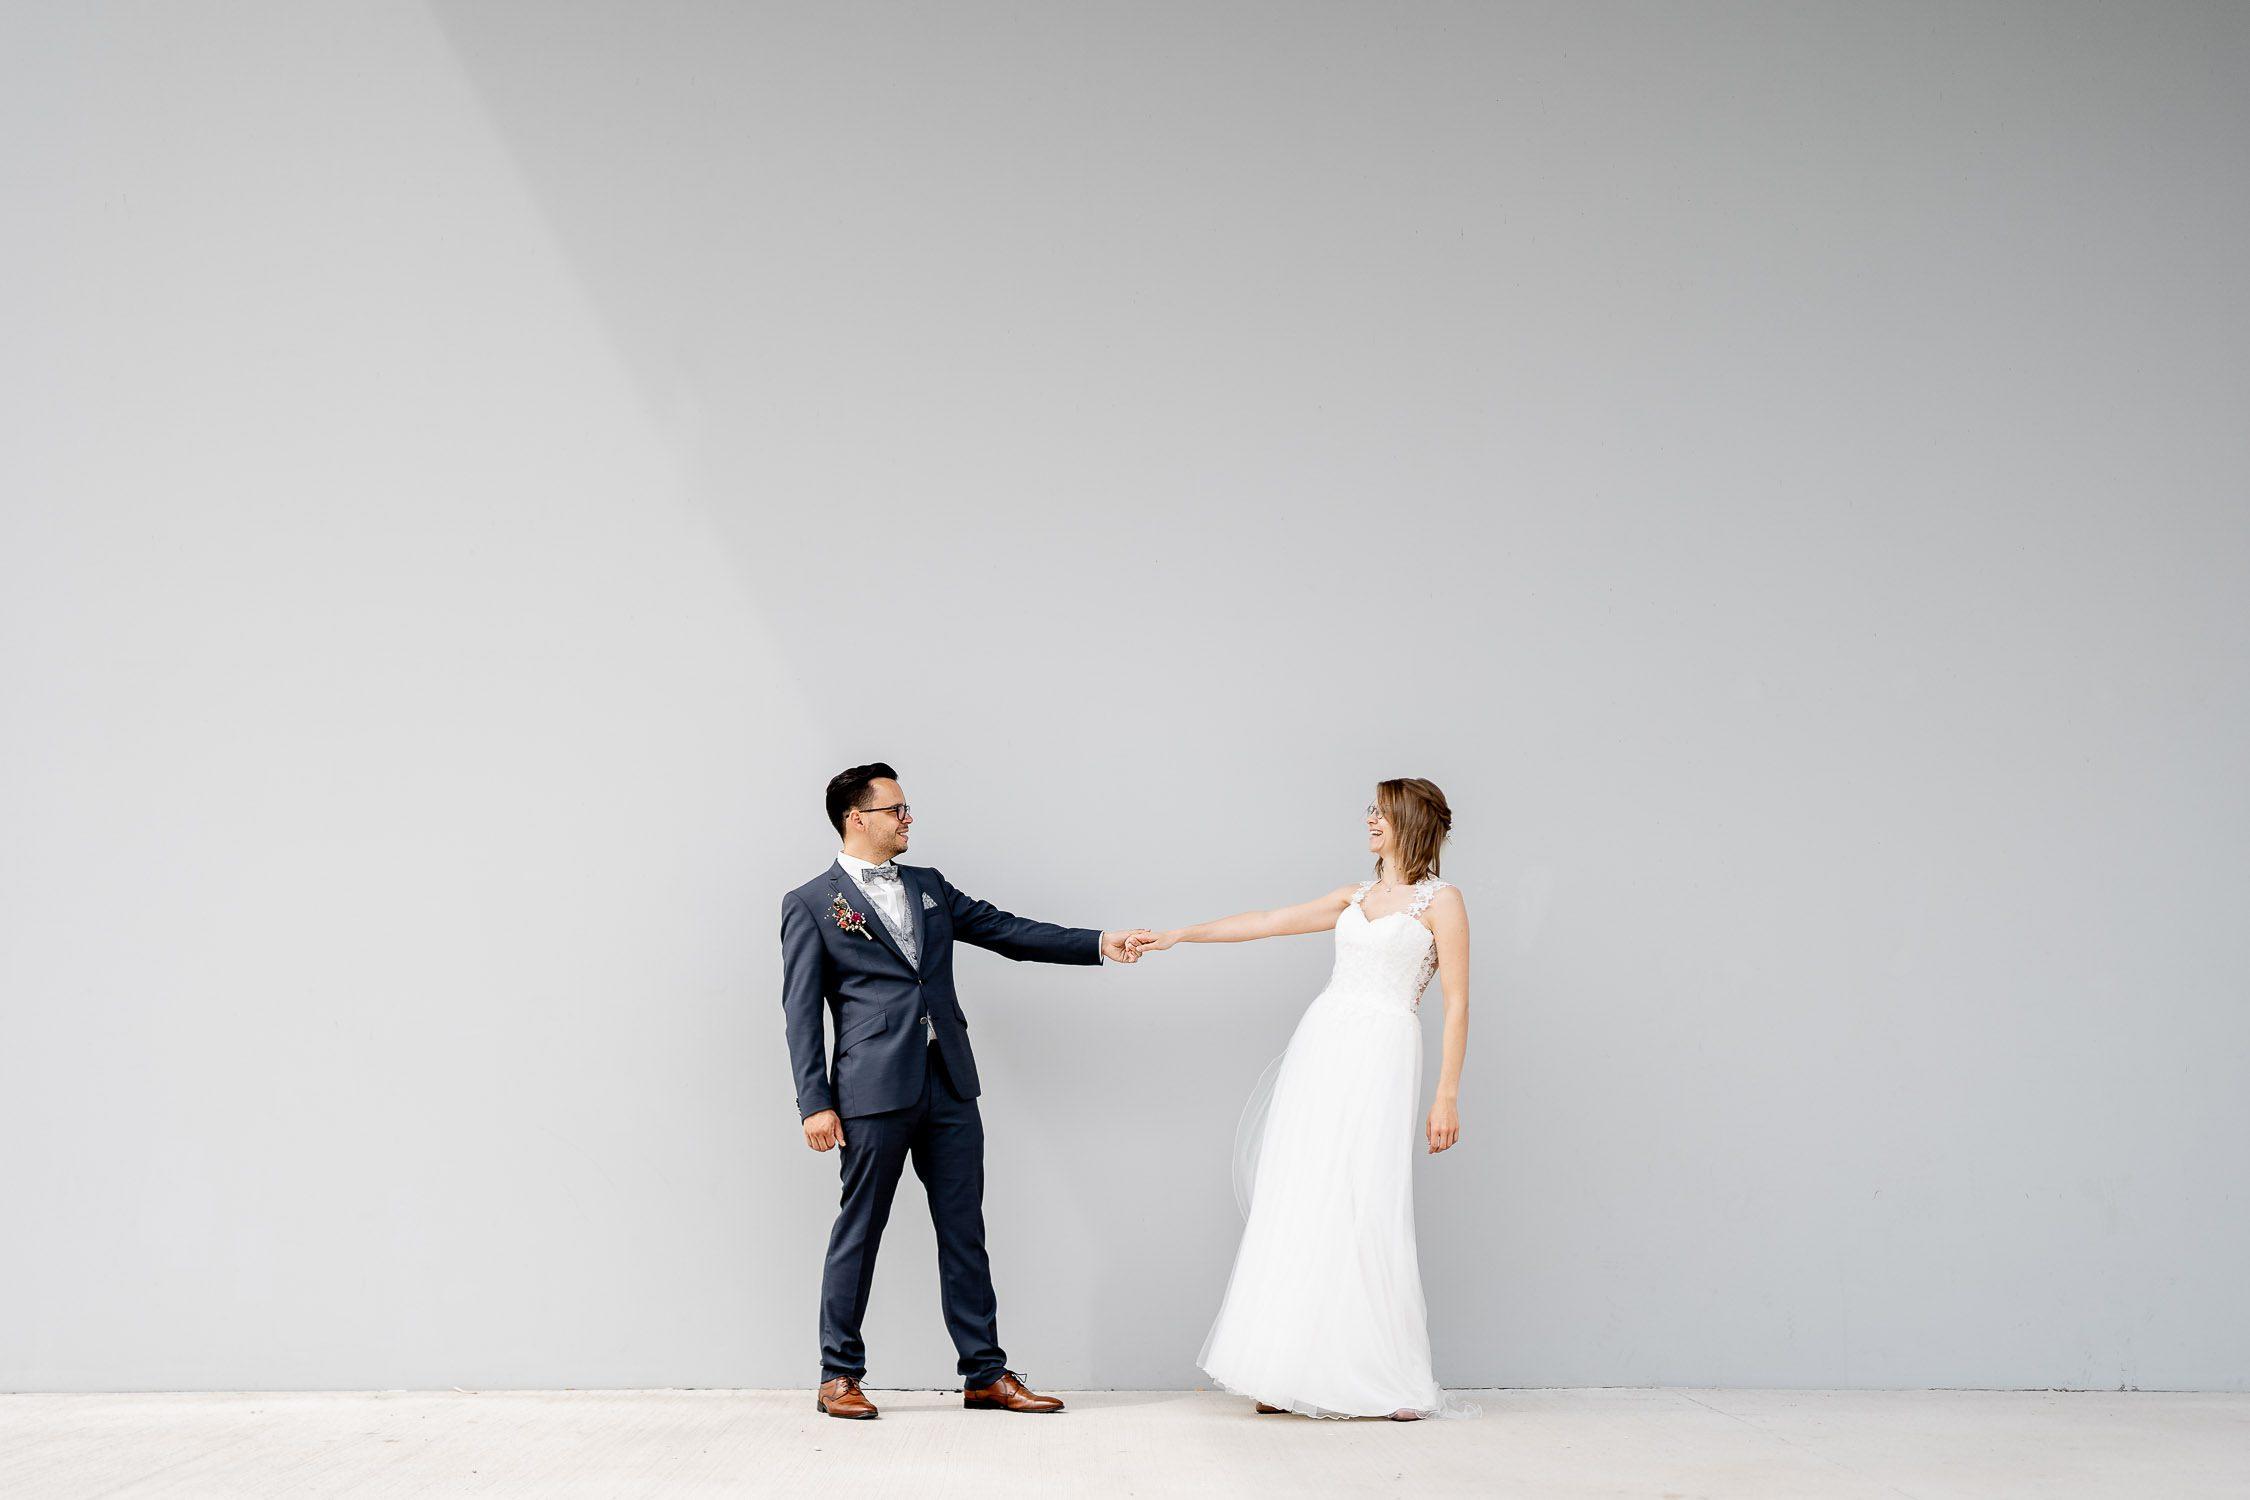 Hochzeit - Wedding   Melanie & Werner in Traun - Pärchenshooting